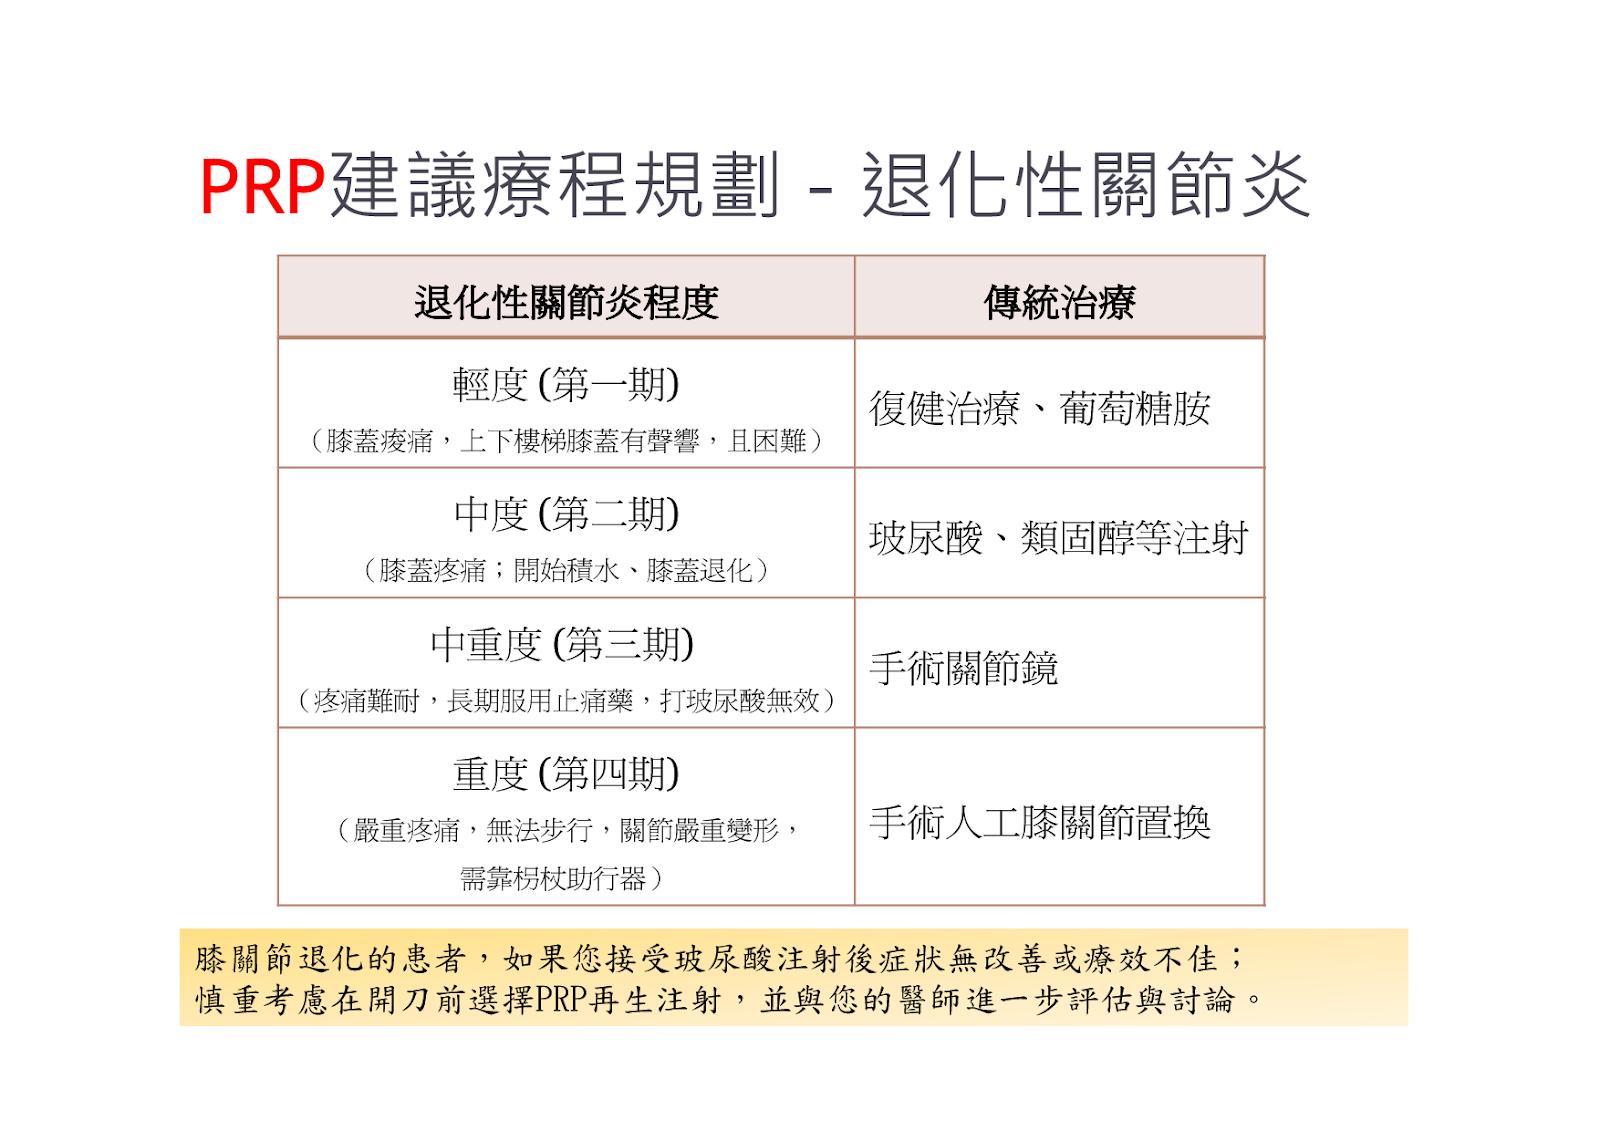 退化性關節炎 PRP療程 - 裕昇診所